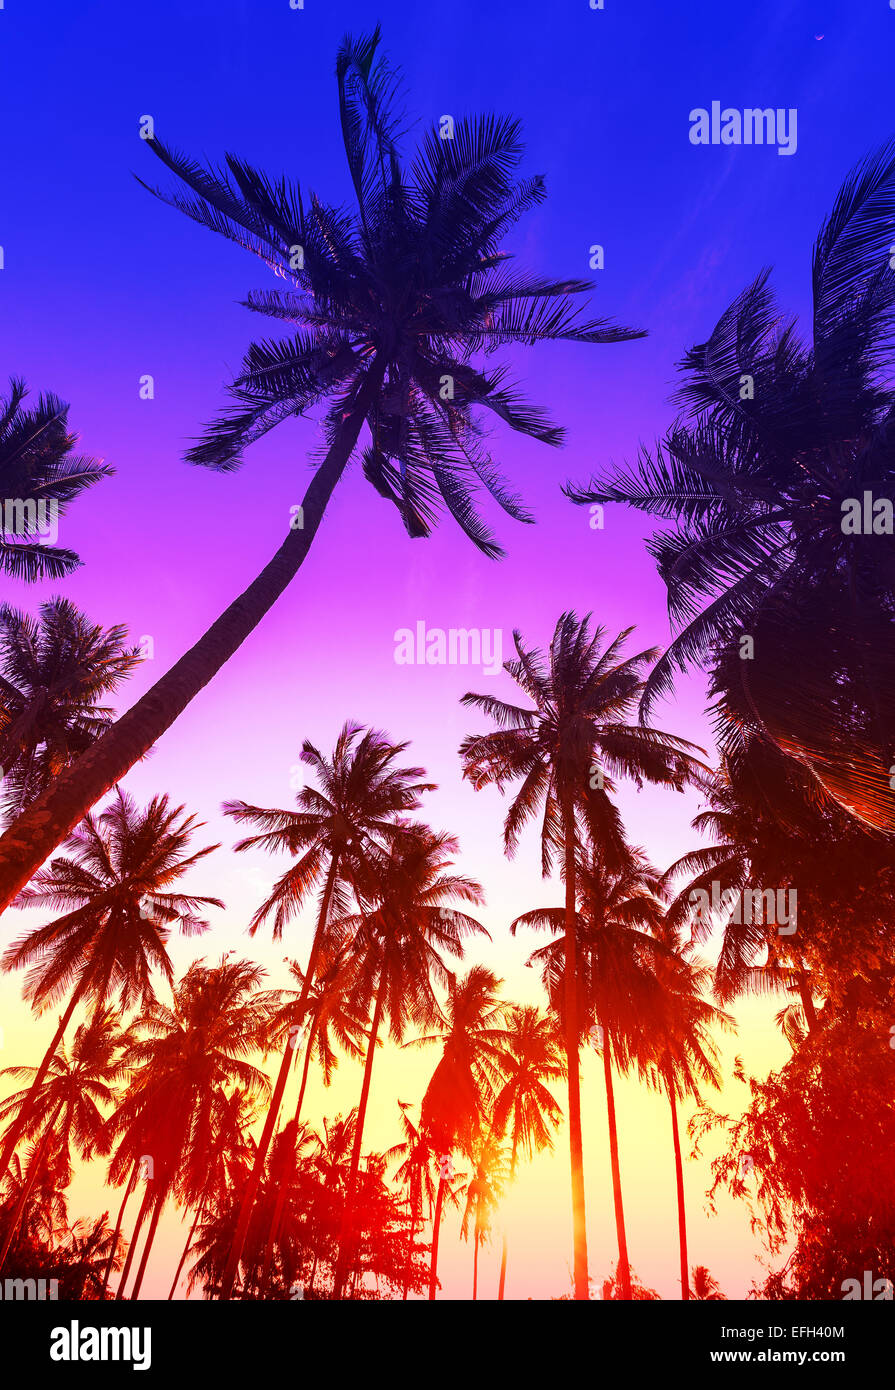 Palmeras siluetas en playa tropical al atardecer. Imagen De Stock